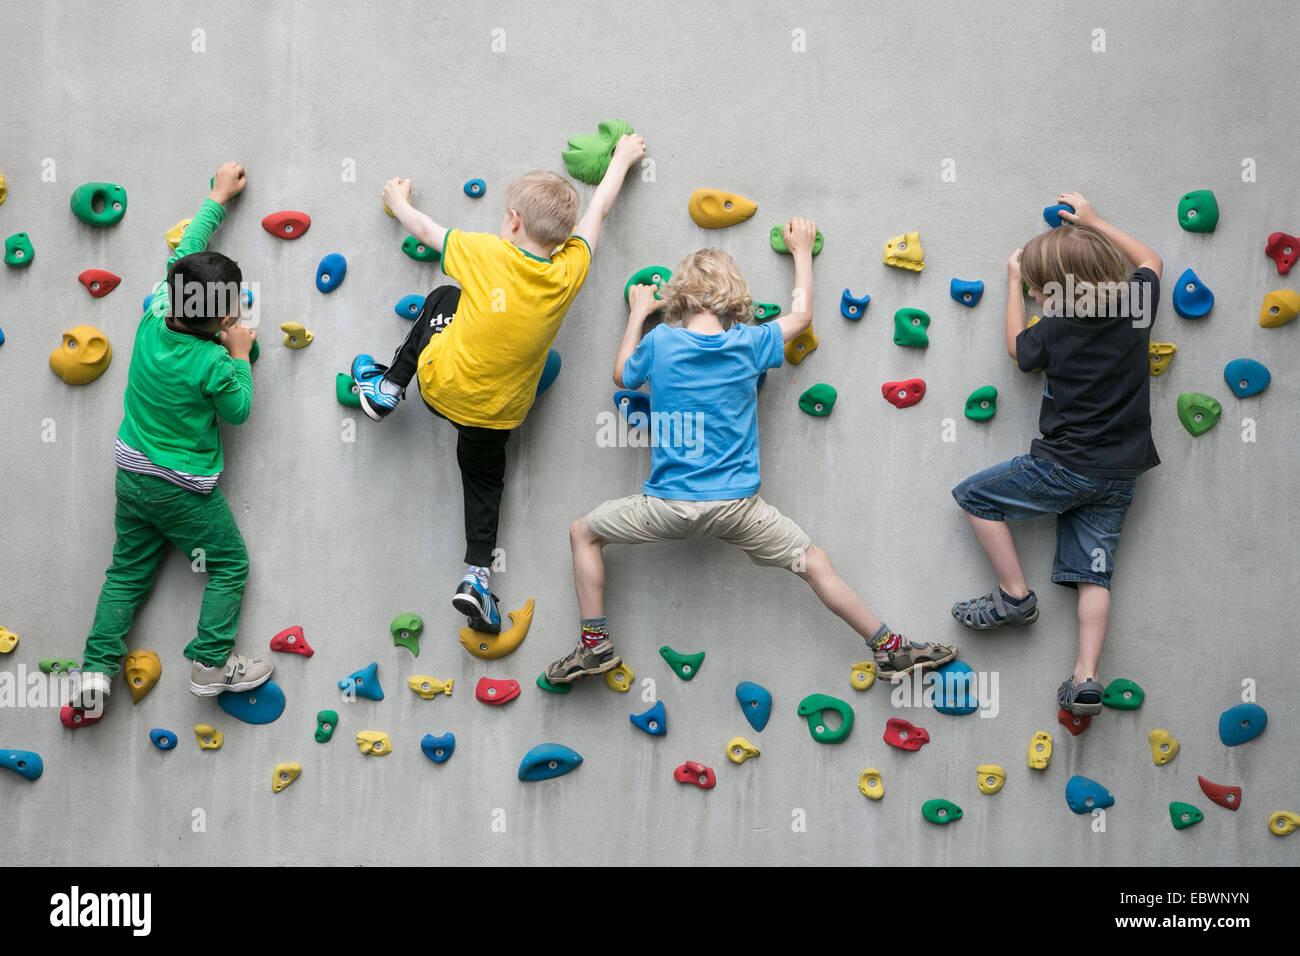 Klettern Kinder Hamburg